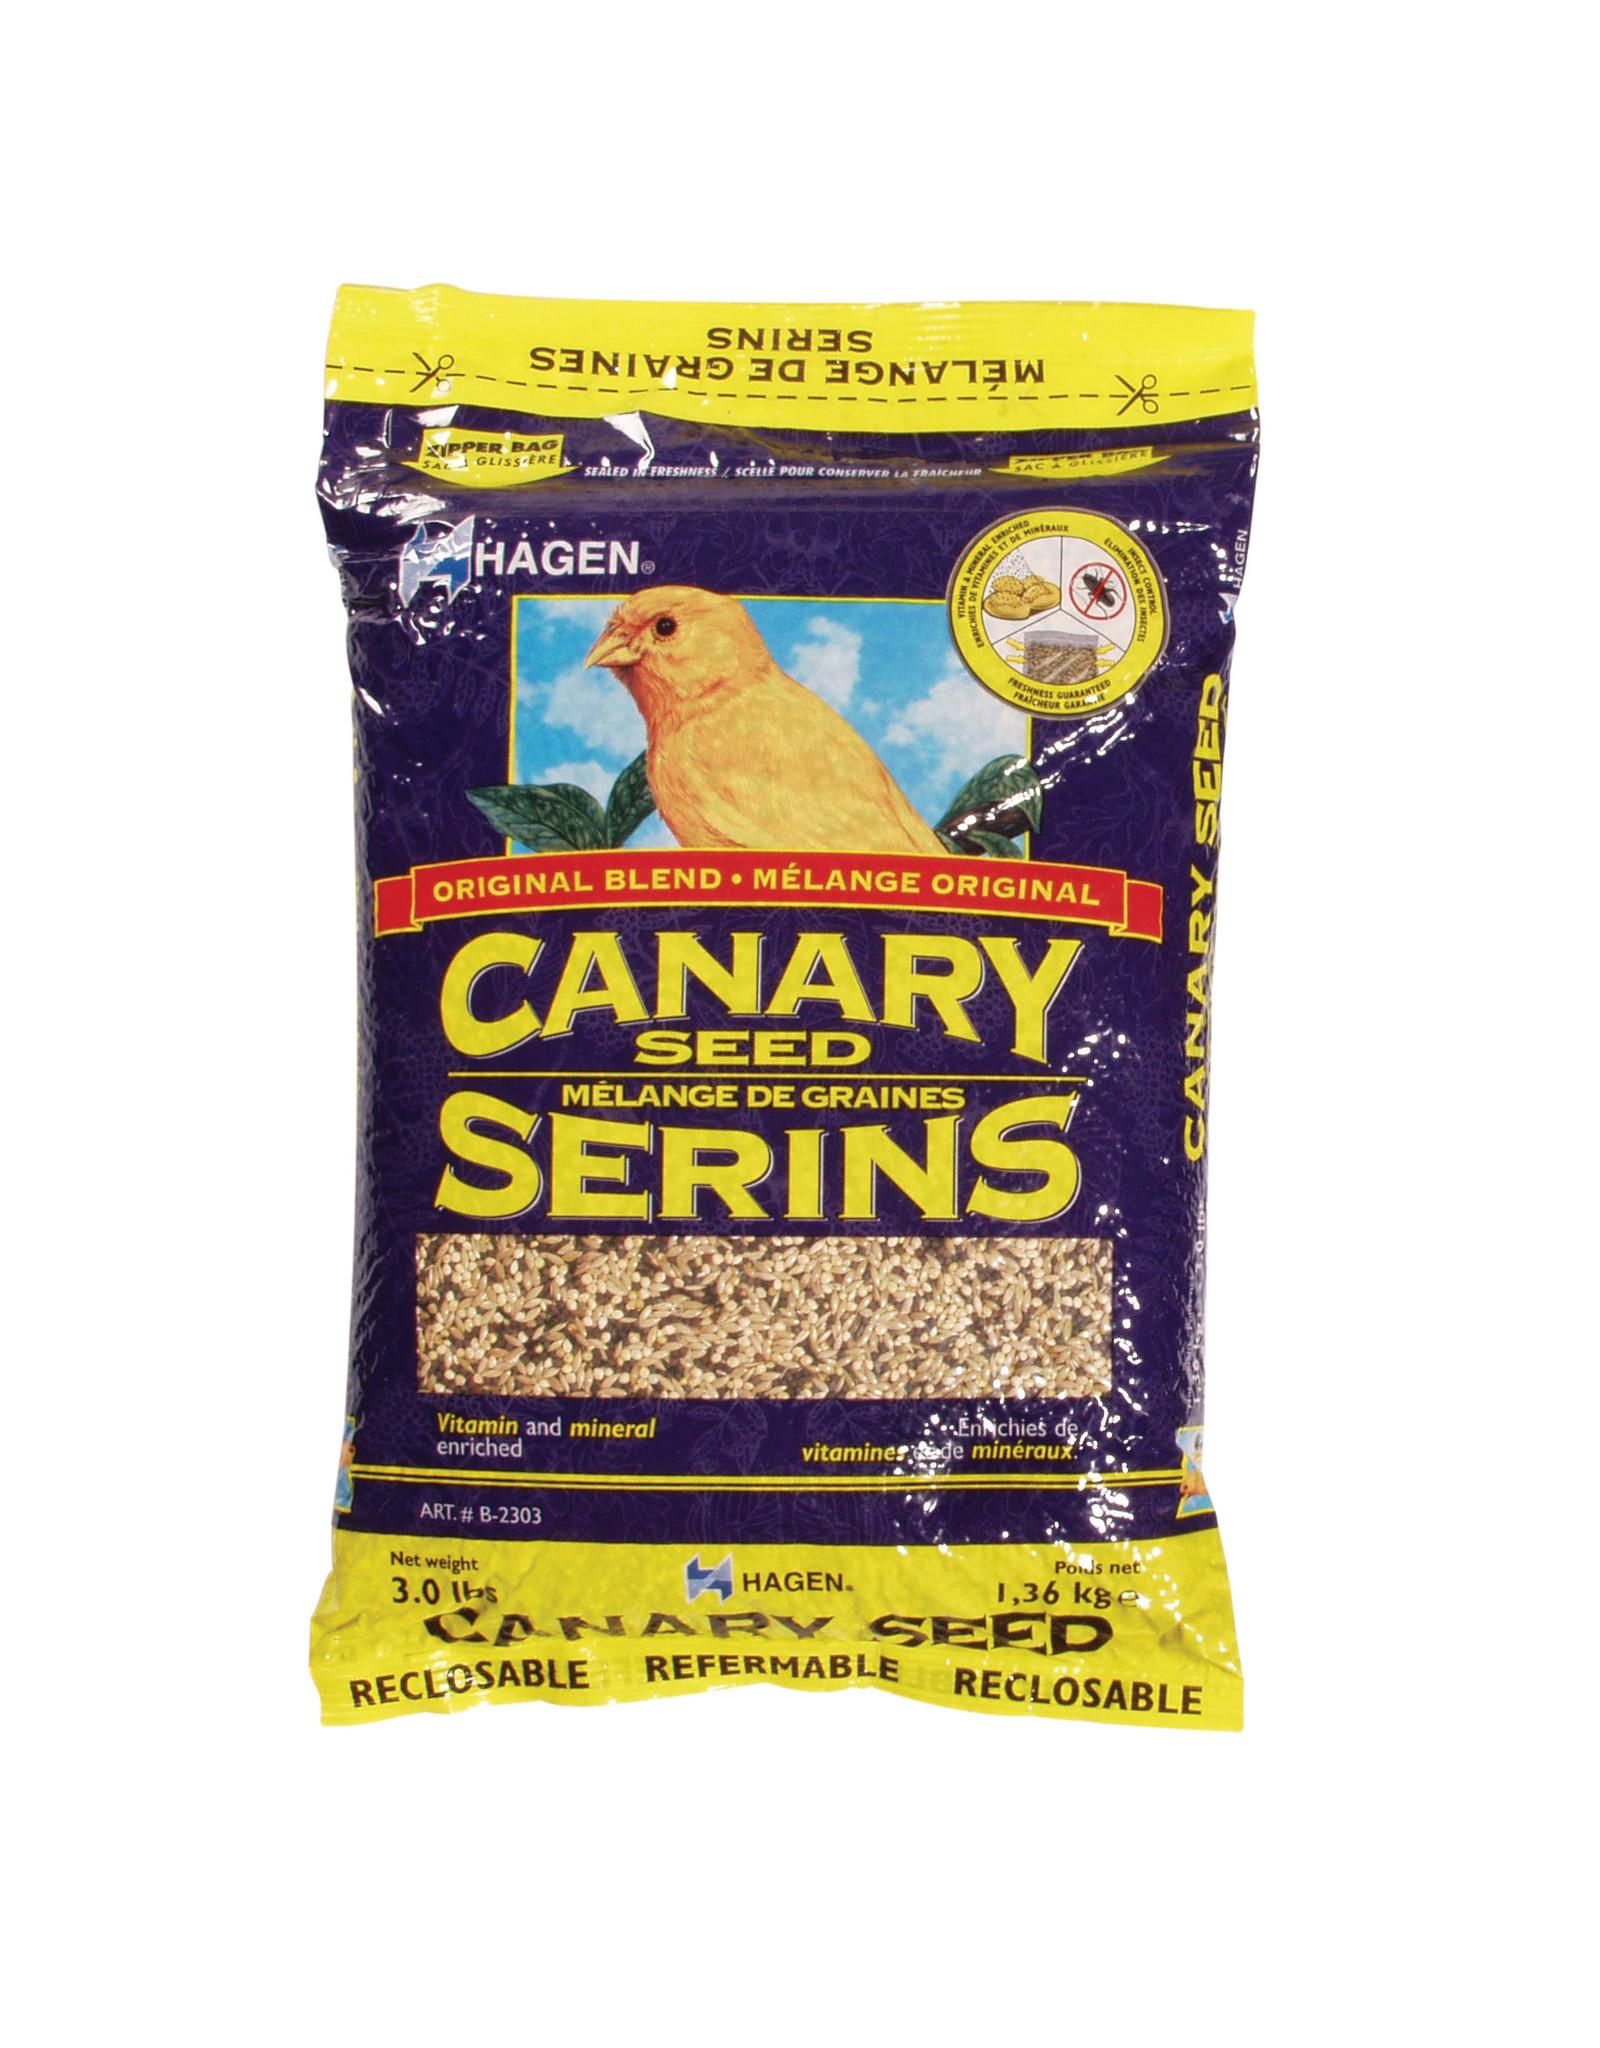 Hagen Hagen Canary Staple VME Seed - 1.36 kg (3 lb)